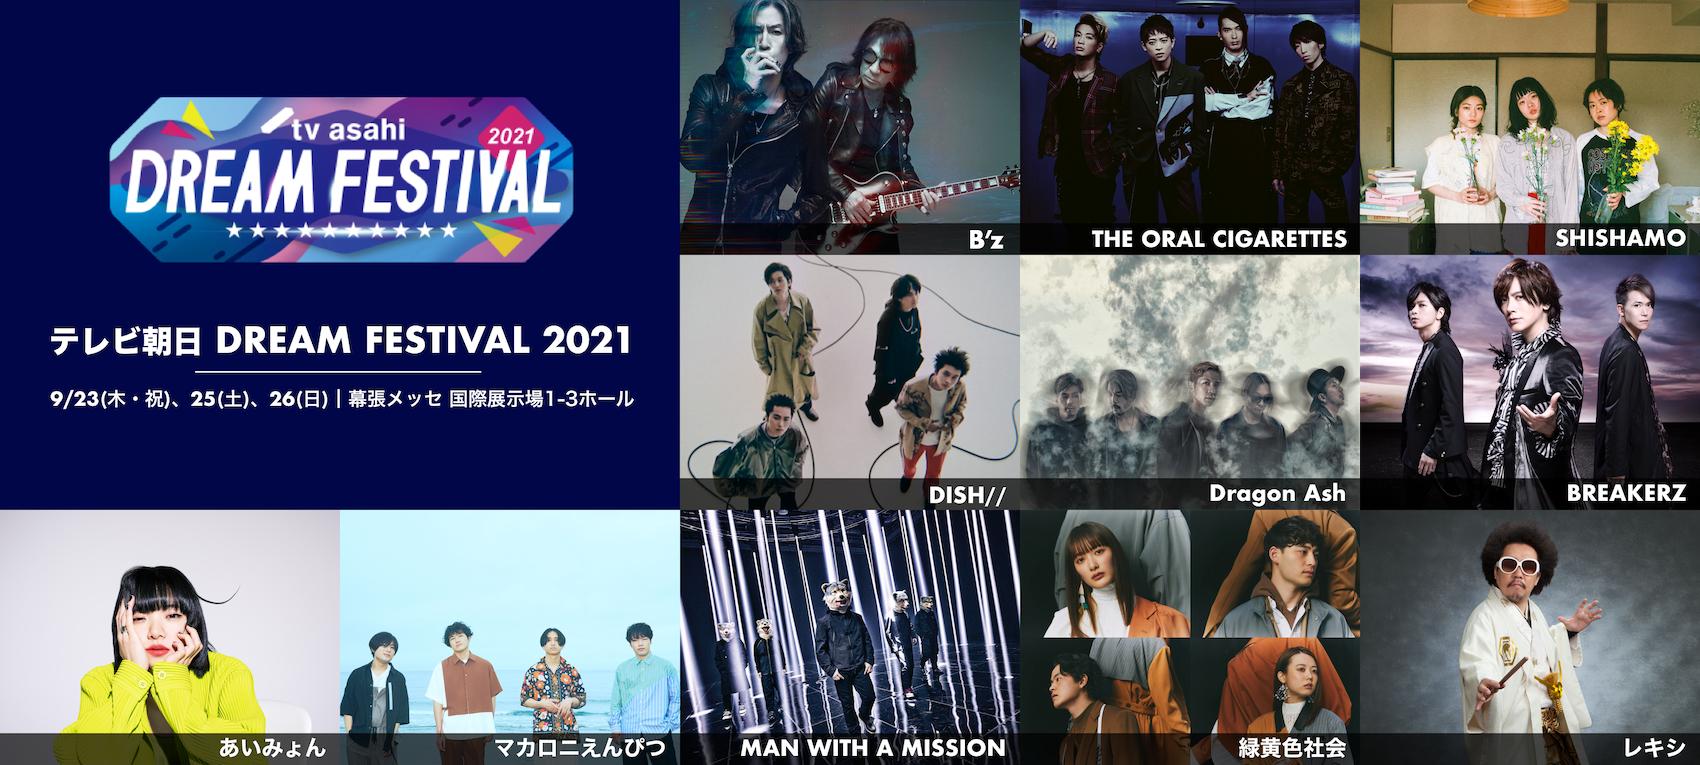 『テレビ朝日ドリームフェスティバル2021』